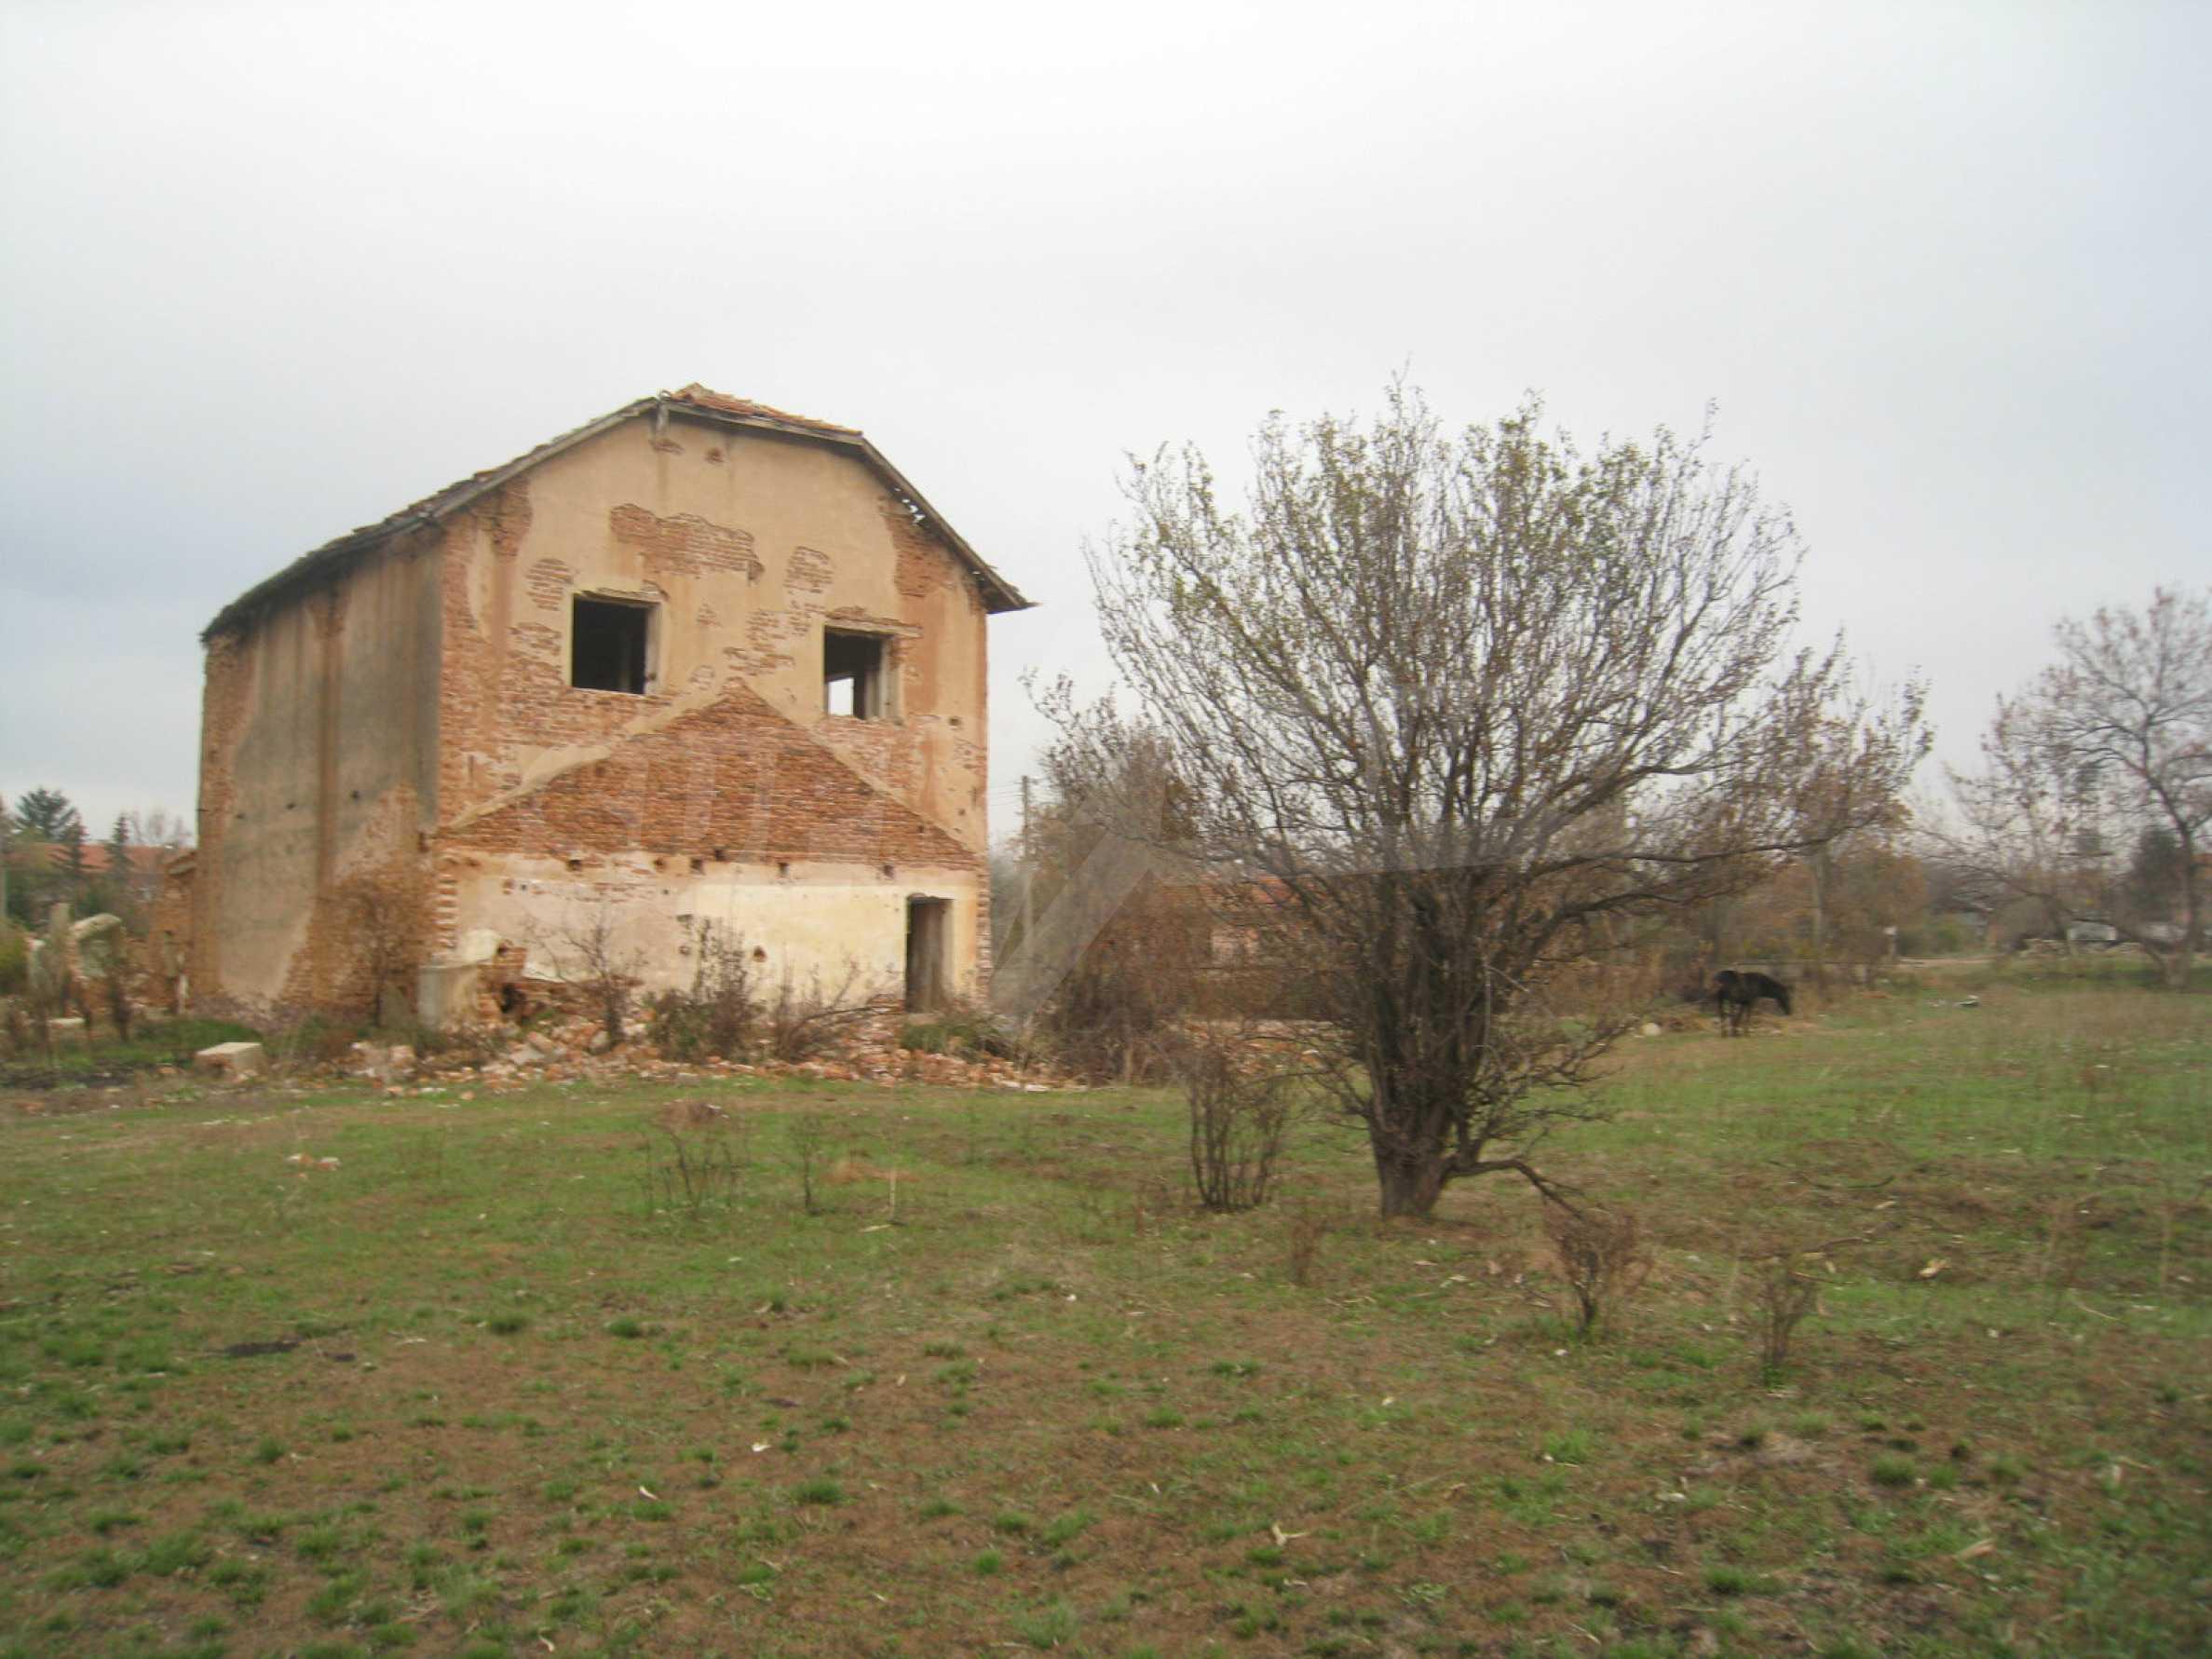 Solides dreistöckiges Gebäude (ehemalige Mühle) mit Hof in der Nähe von Elin Pelin 23